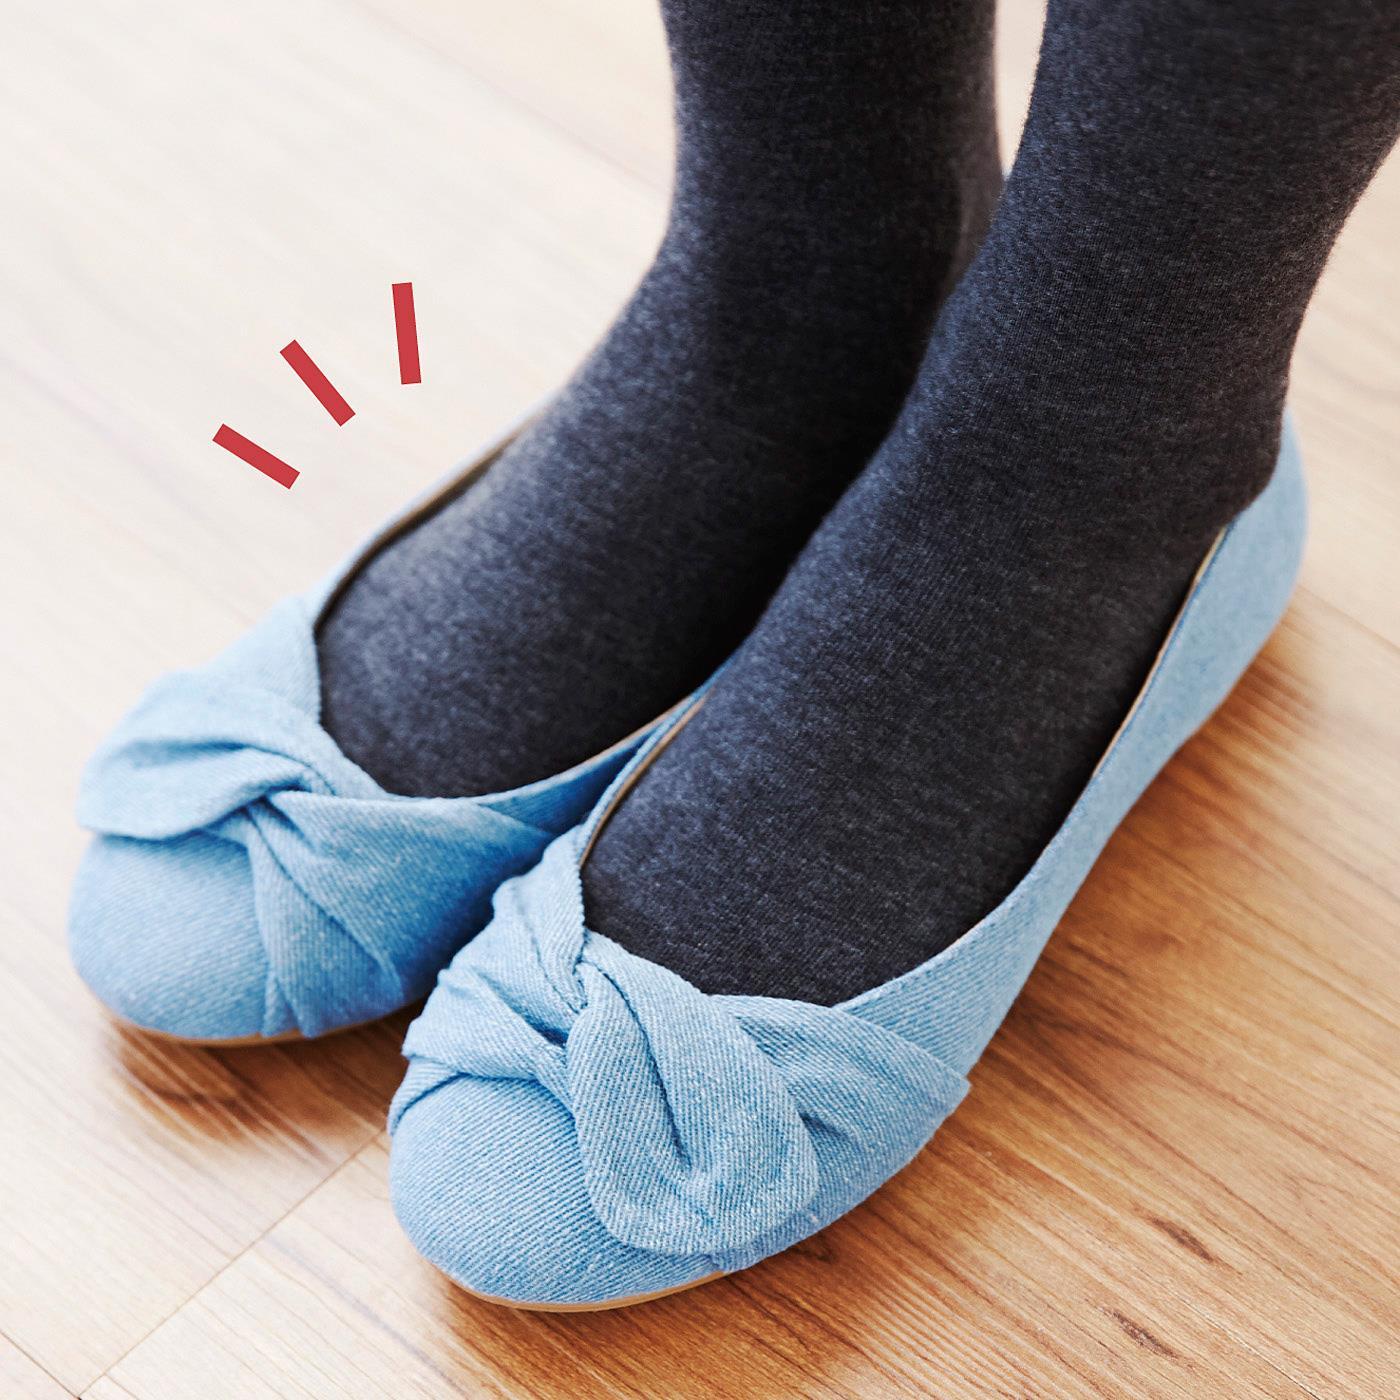 平たい磁石と薄手の編み立てで、靴下やタイツを重ねばきしてもごろつかずすっきり。